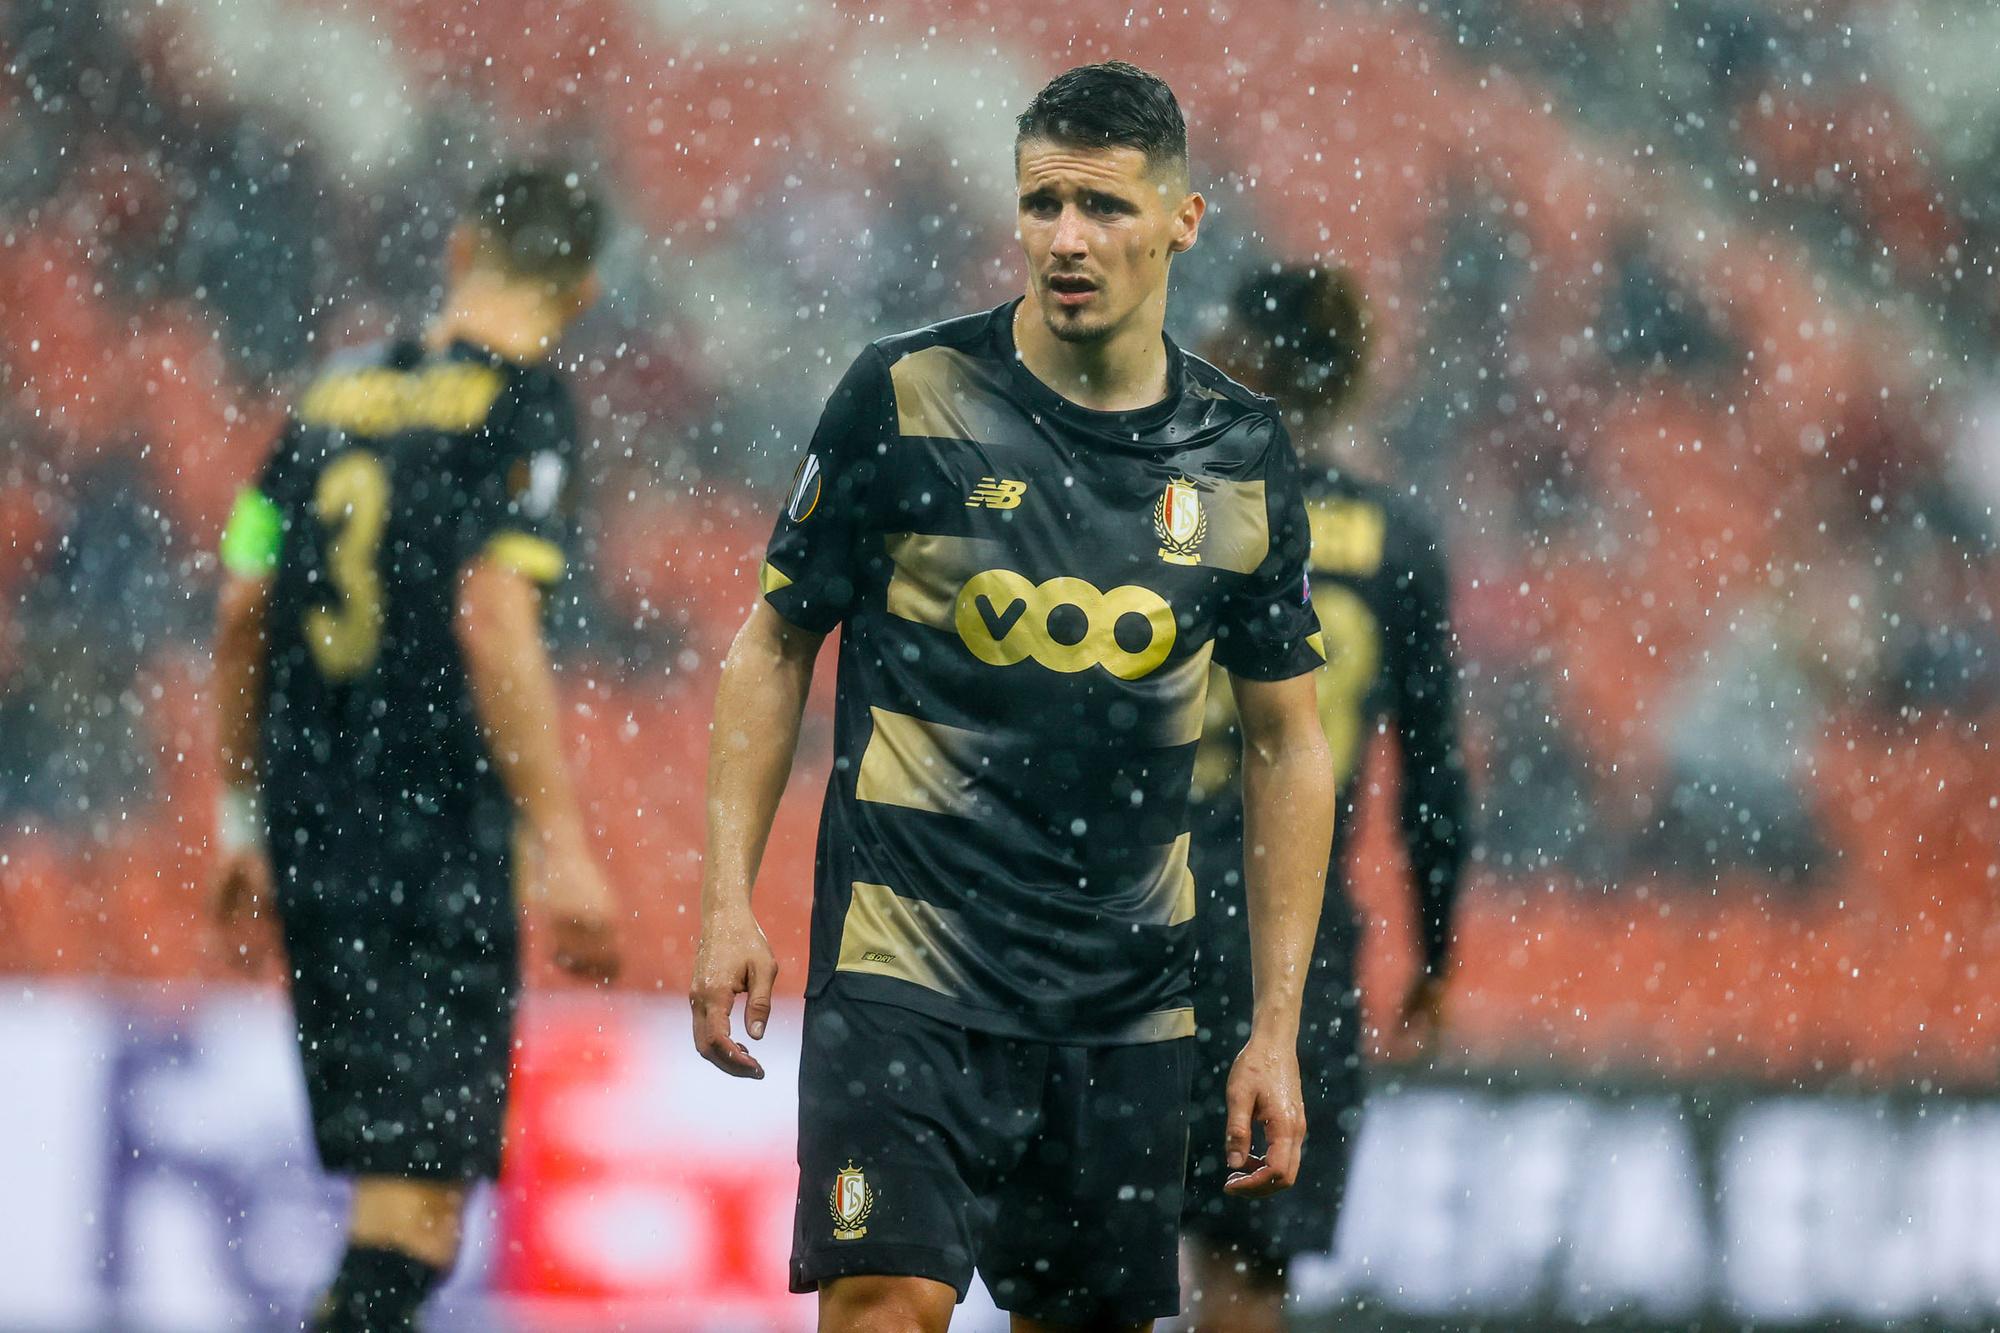 Standard kwam niet meer aan voetballen toe in een uitgeregende wedstrijd, Belga Image